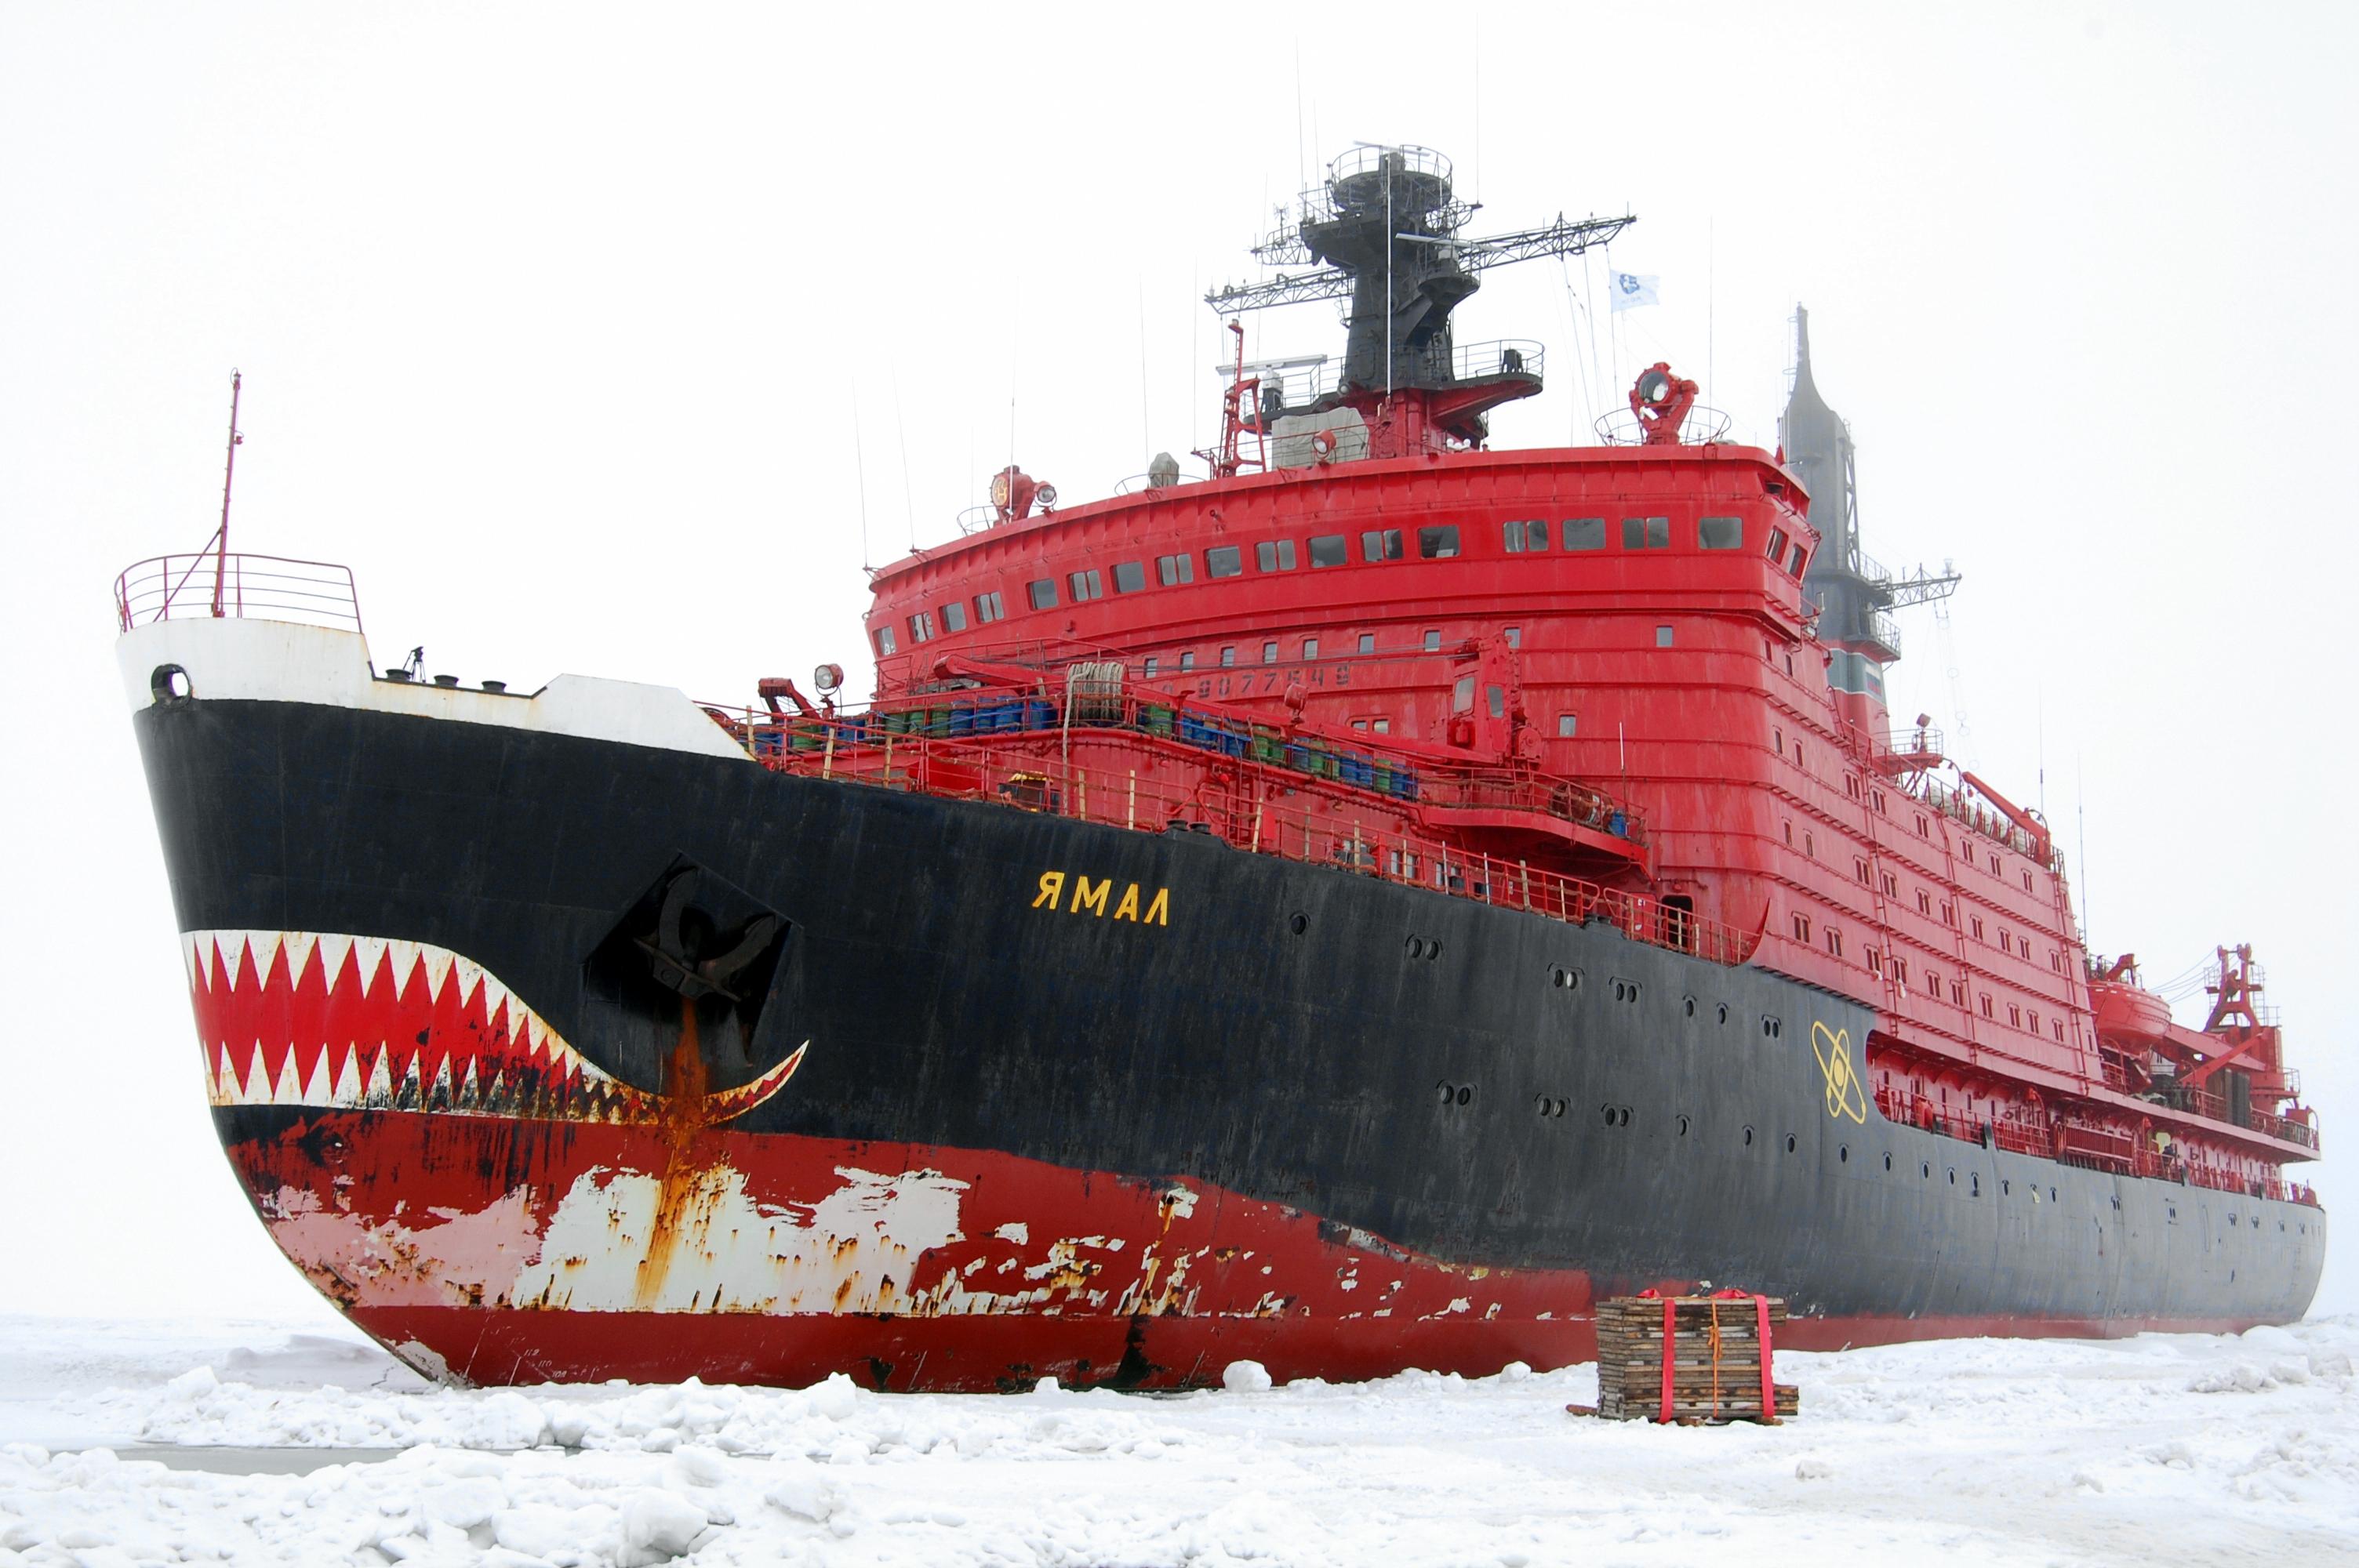 Nuclear-powered icebreaker - Wikipedia